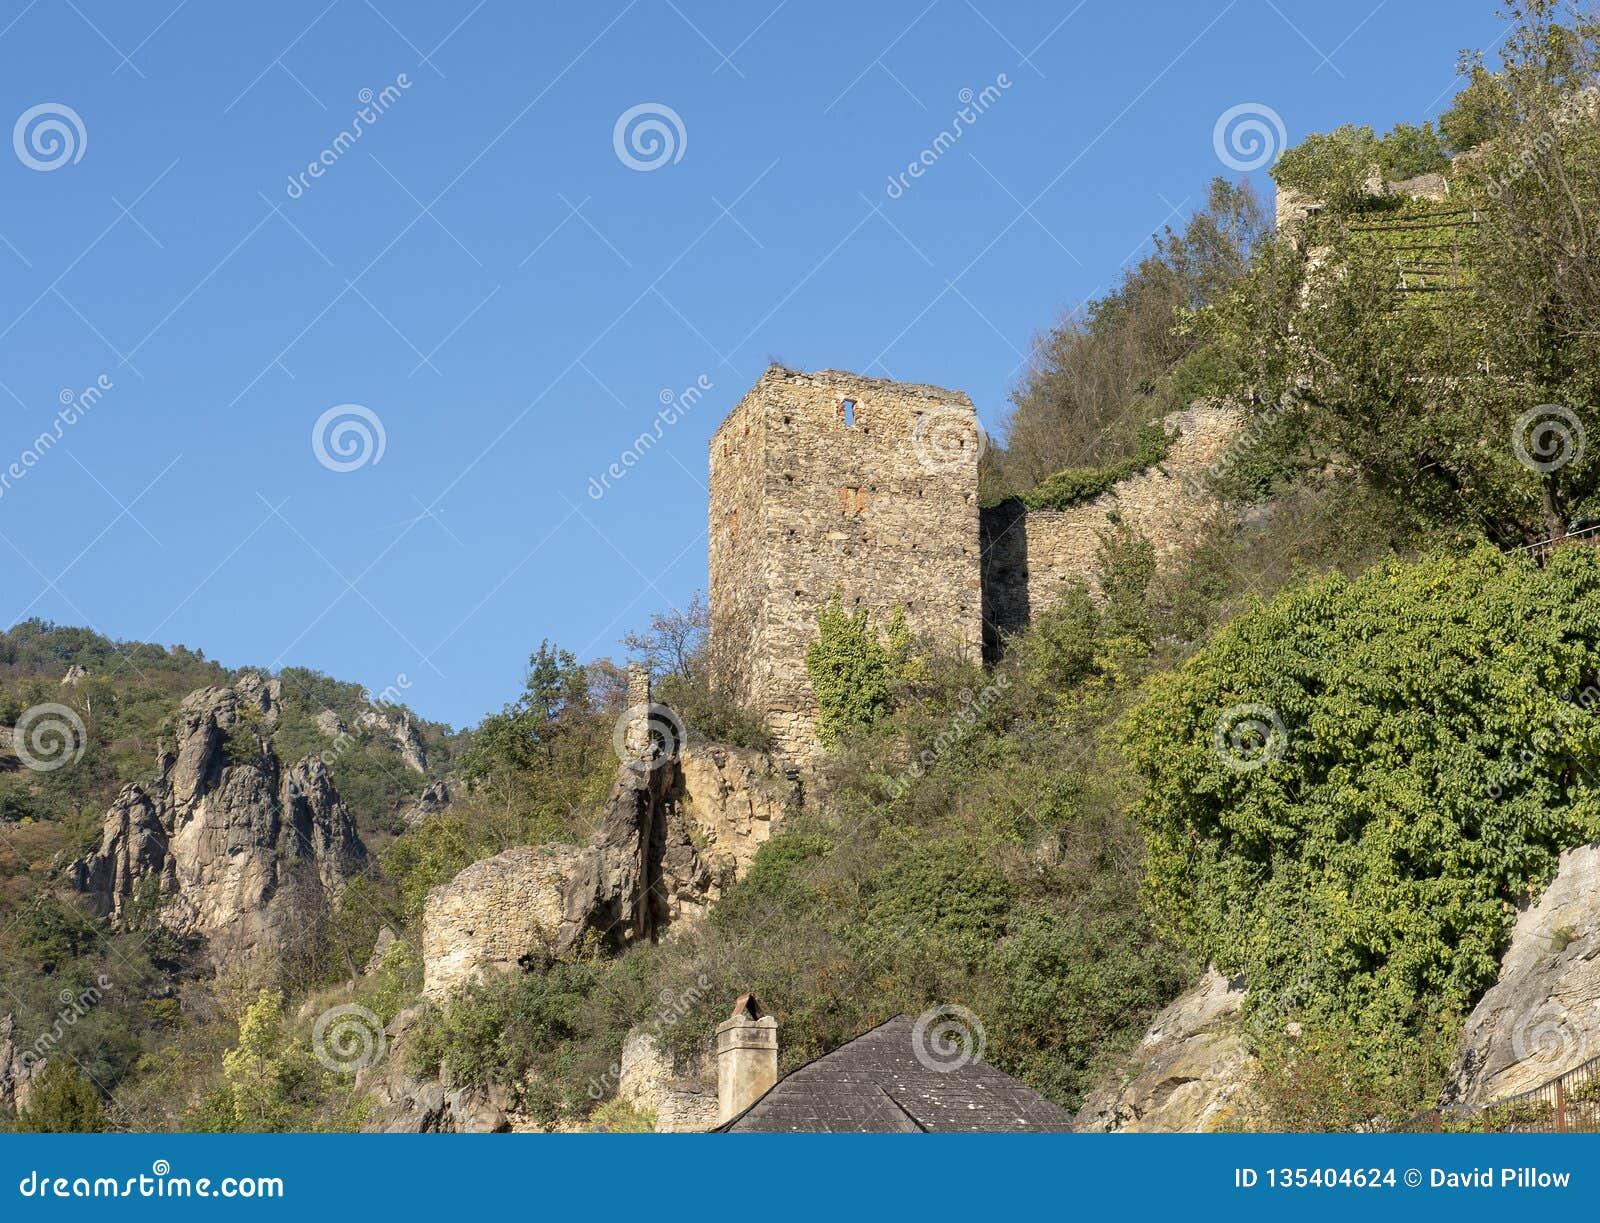 Burgruine Durnstein, un château médiéval ruiné et abandonné situé dans Durnstein, Autriche